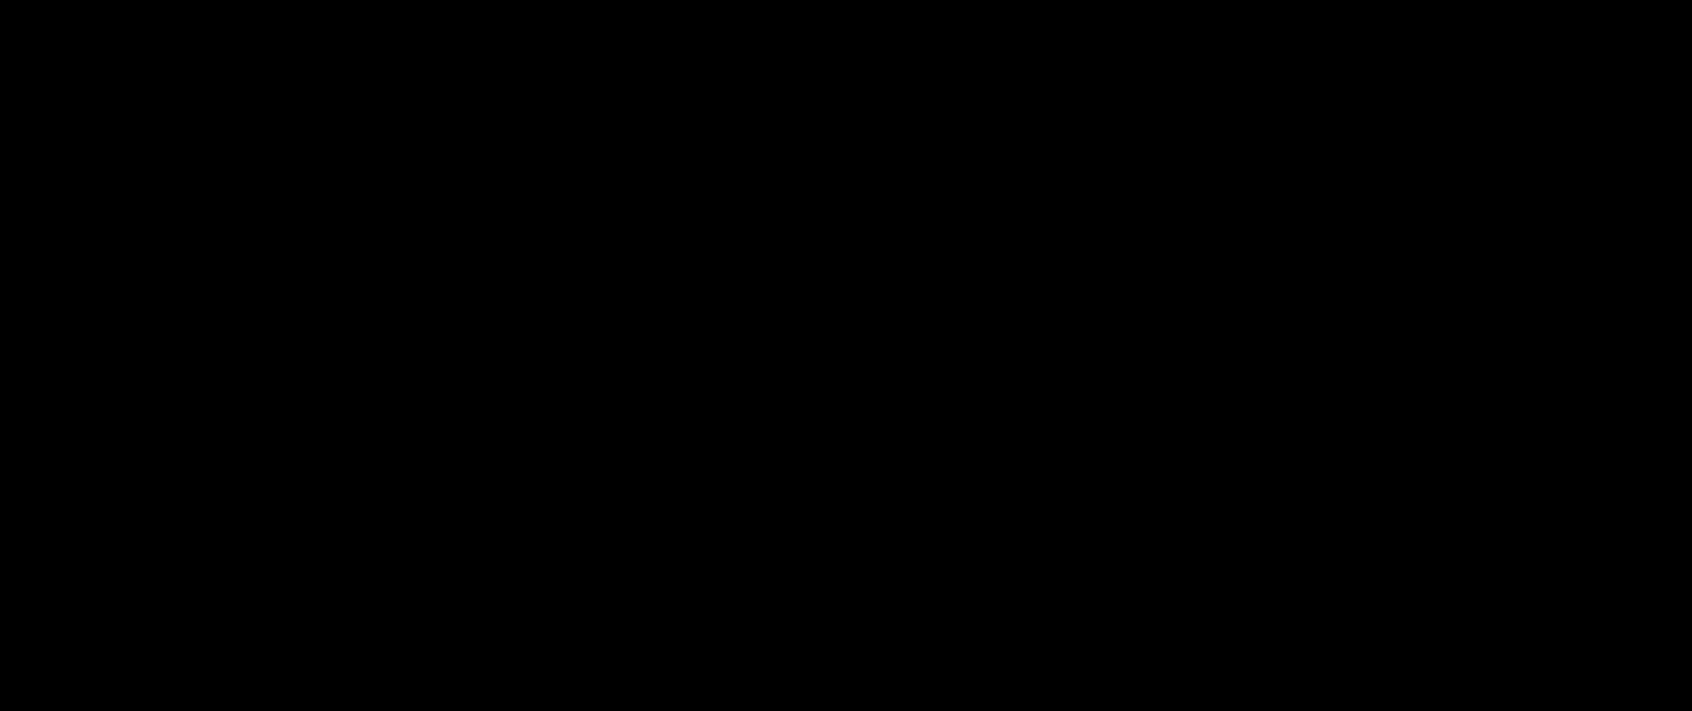 PD 168077 maleate